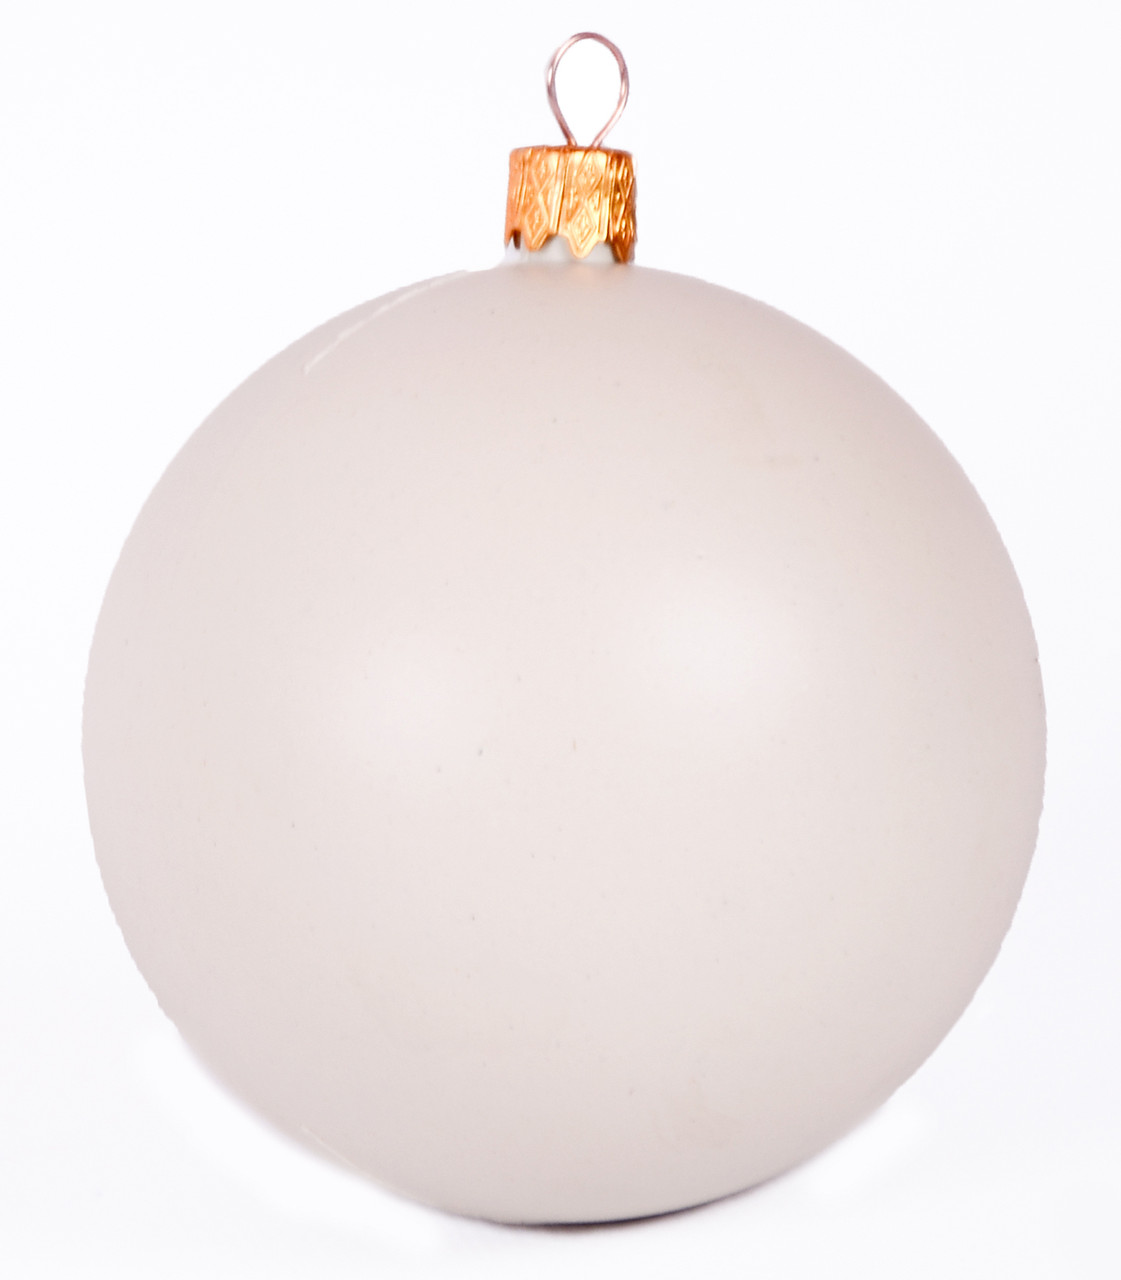 Заготівля для новорічного кулі 15 см